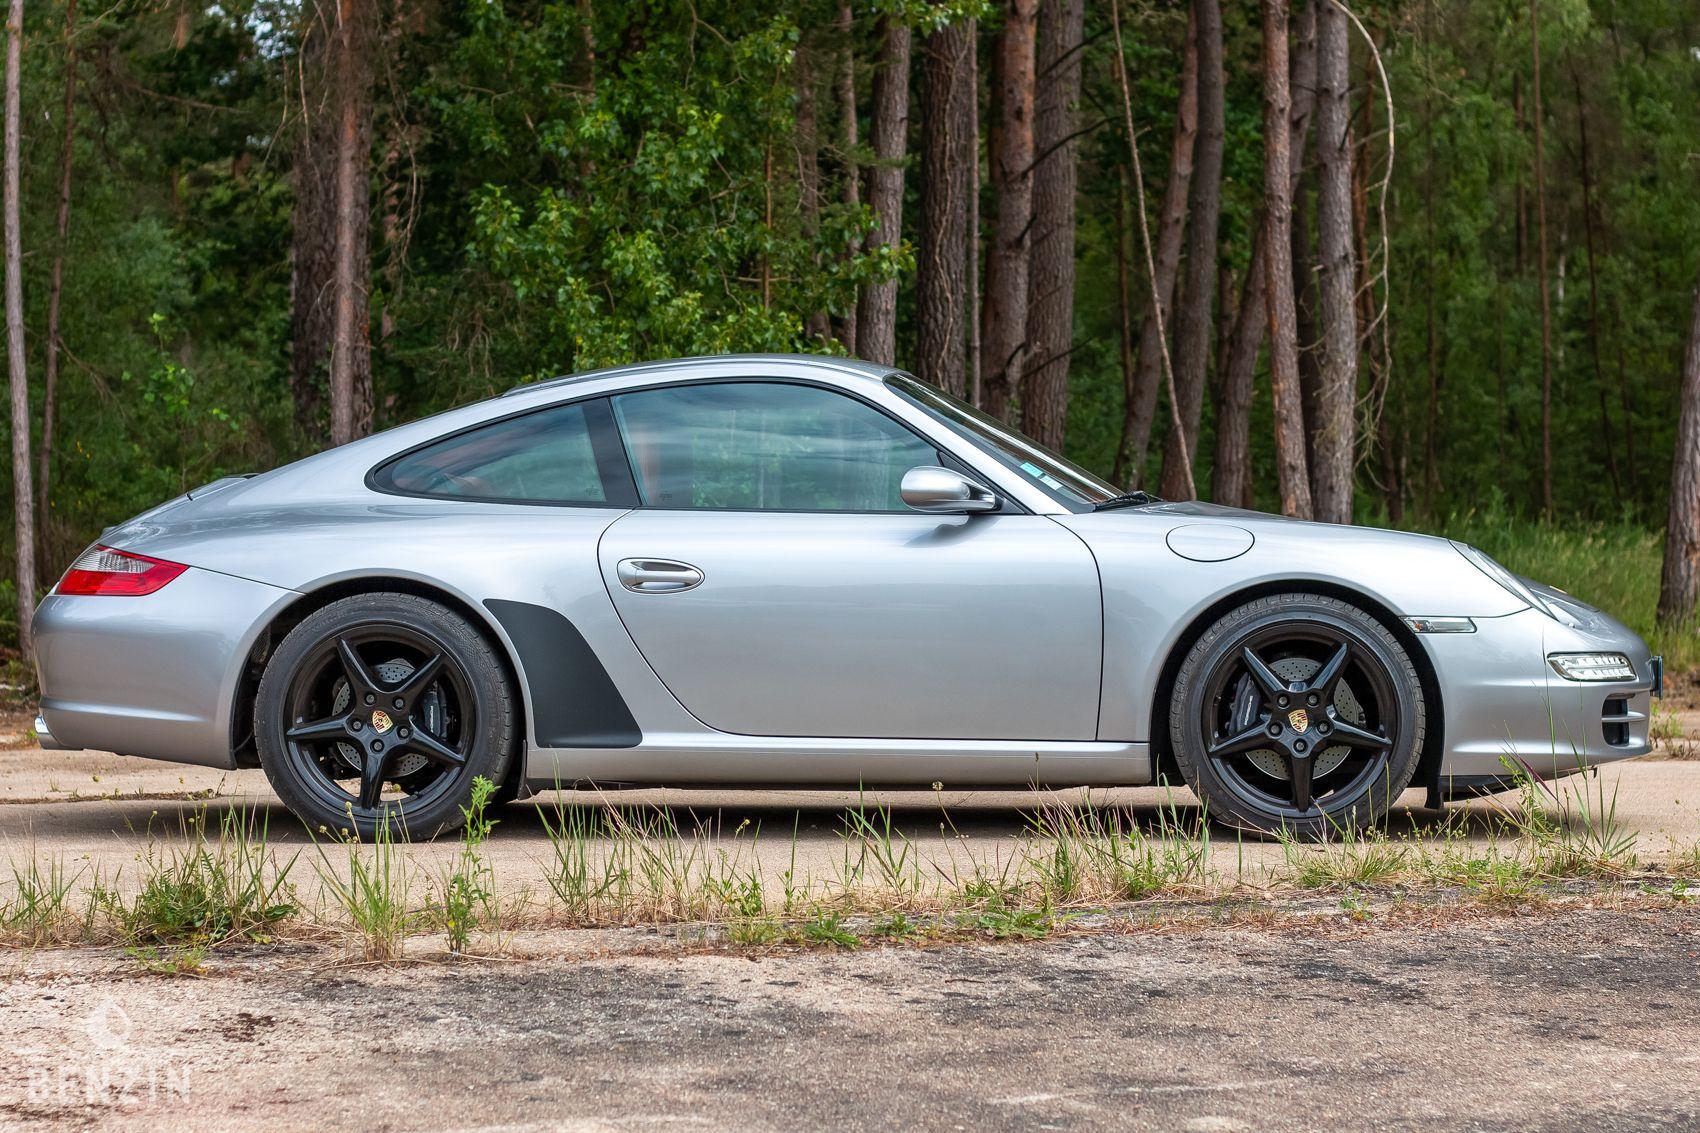 Porsche 997 carrera à vendre se vende for sale te koop zu verkaufen